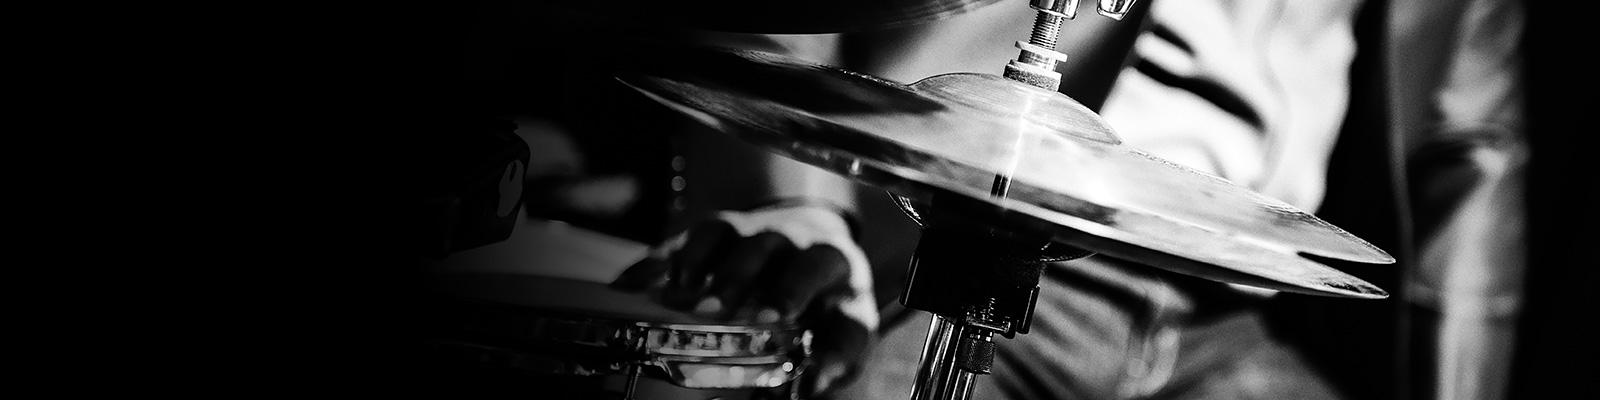 ドラム ドラマー イメージ